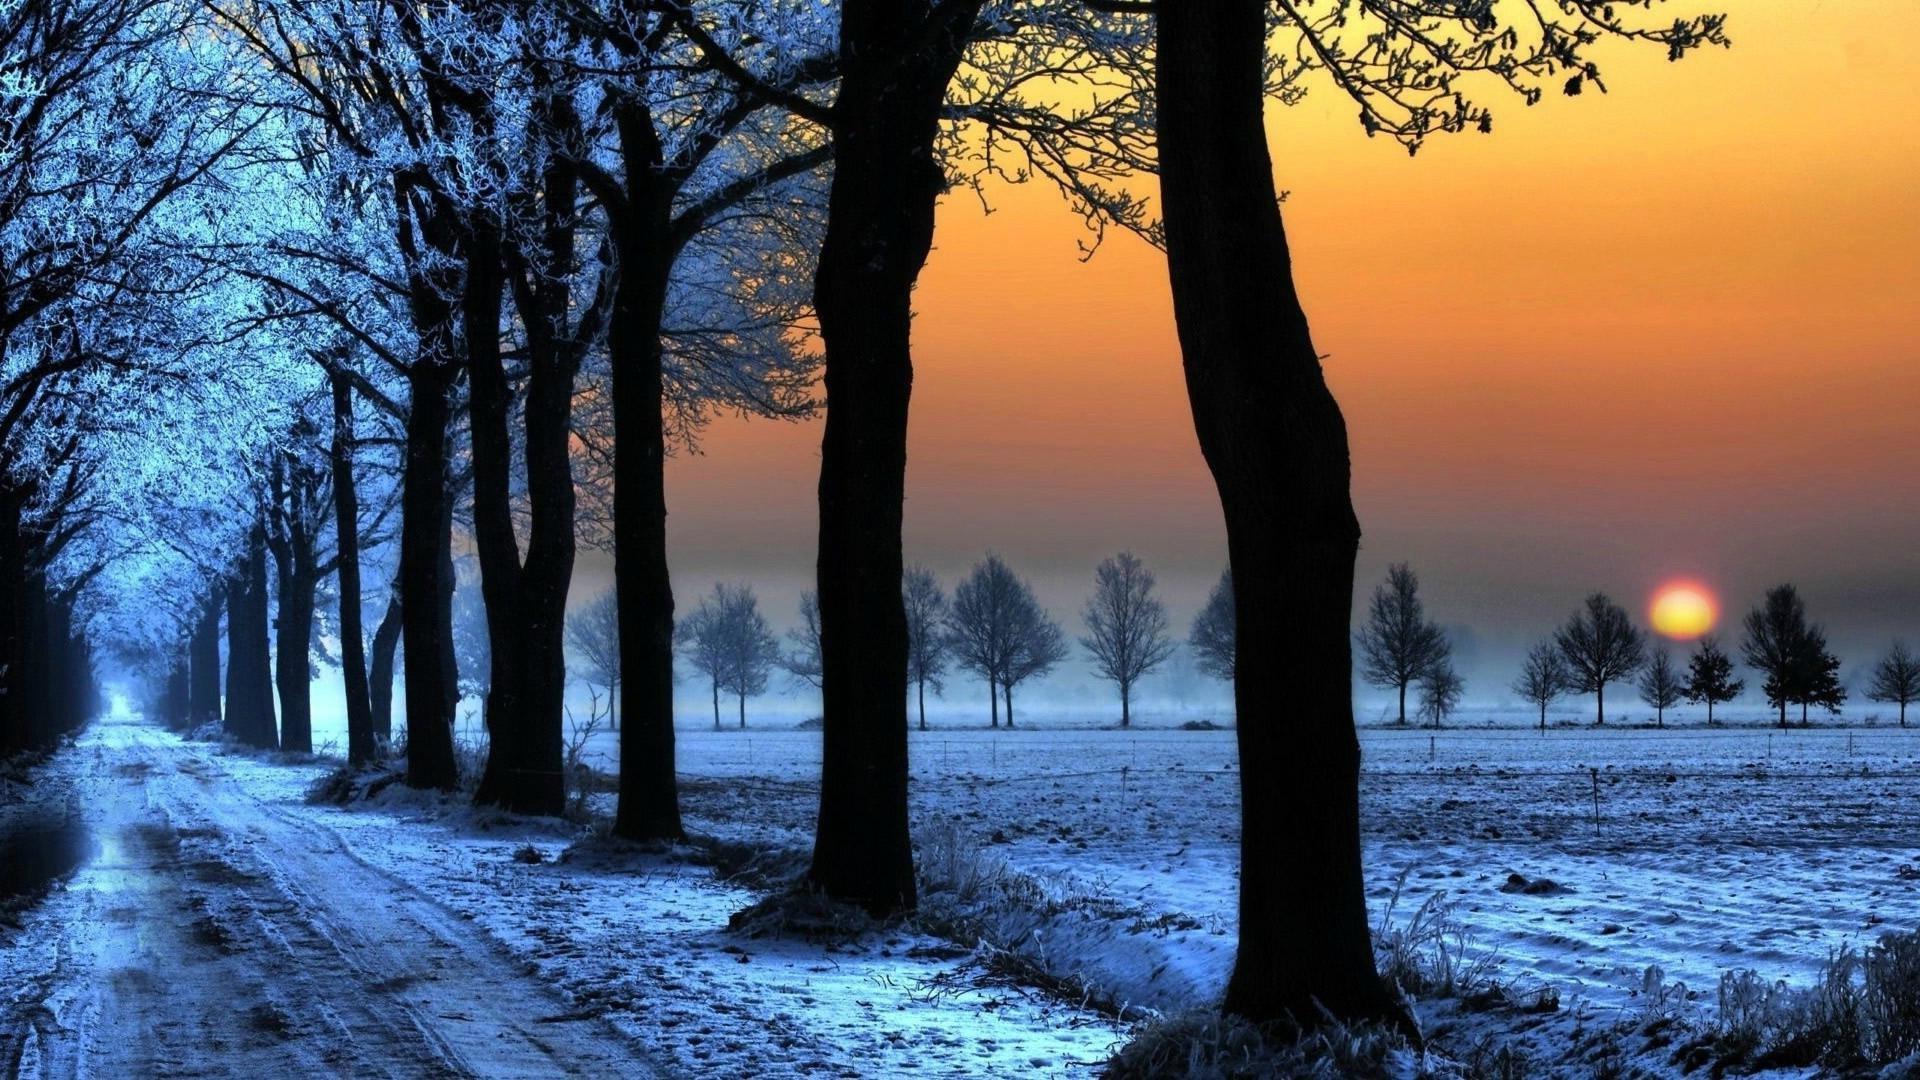 Winter Sunset HD Wallpaper 1920 x 1080p